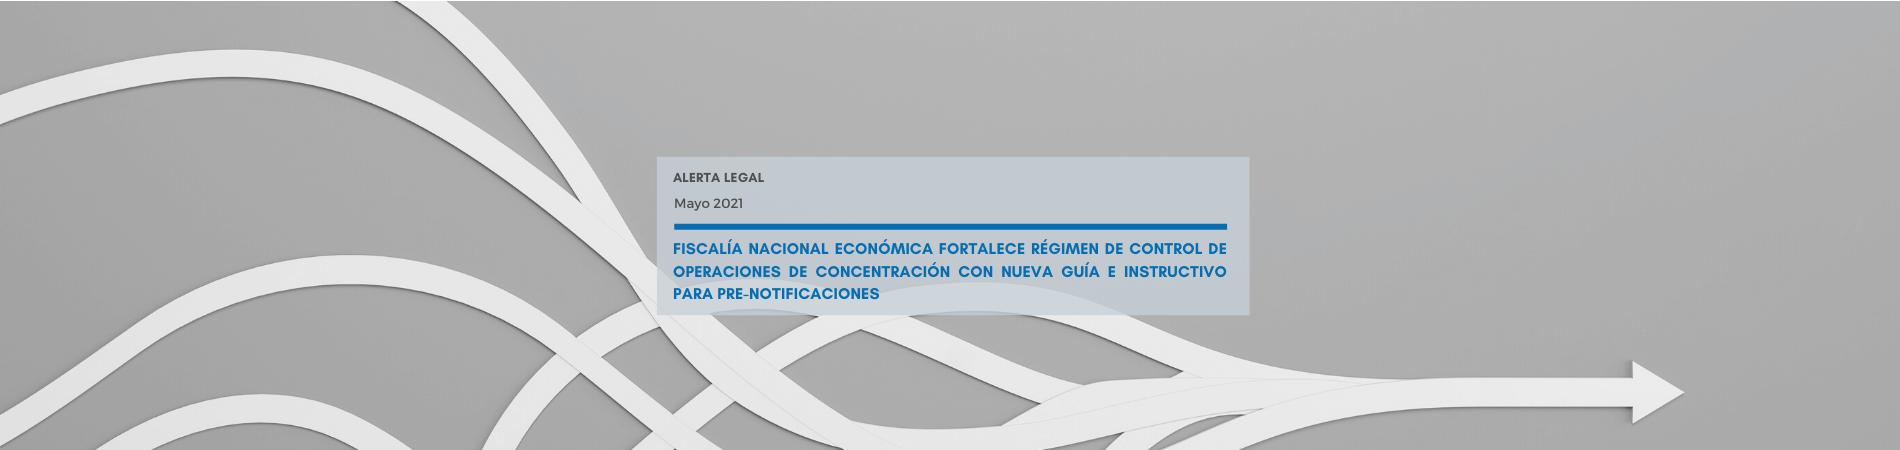 Alerta Legal | Fiscalía Nacional Económica fortalece régimen de control de operaciones de concentración con nueva guía e instructivo para pre-notificaciones